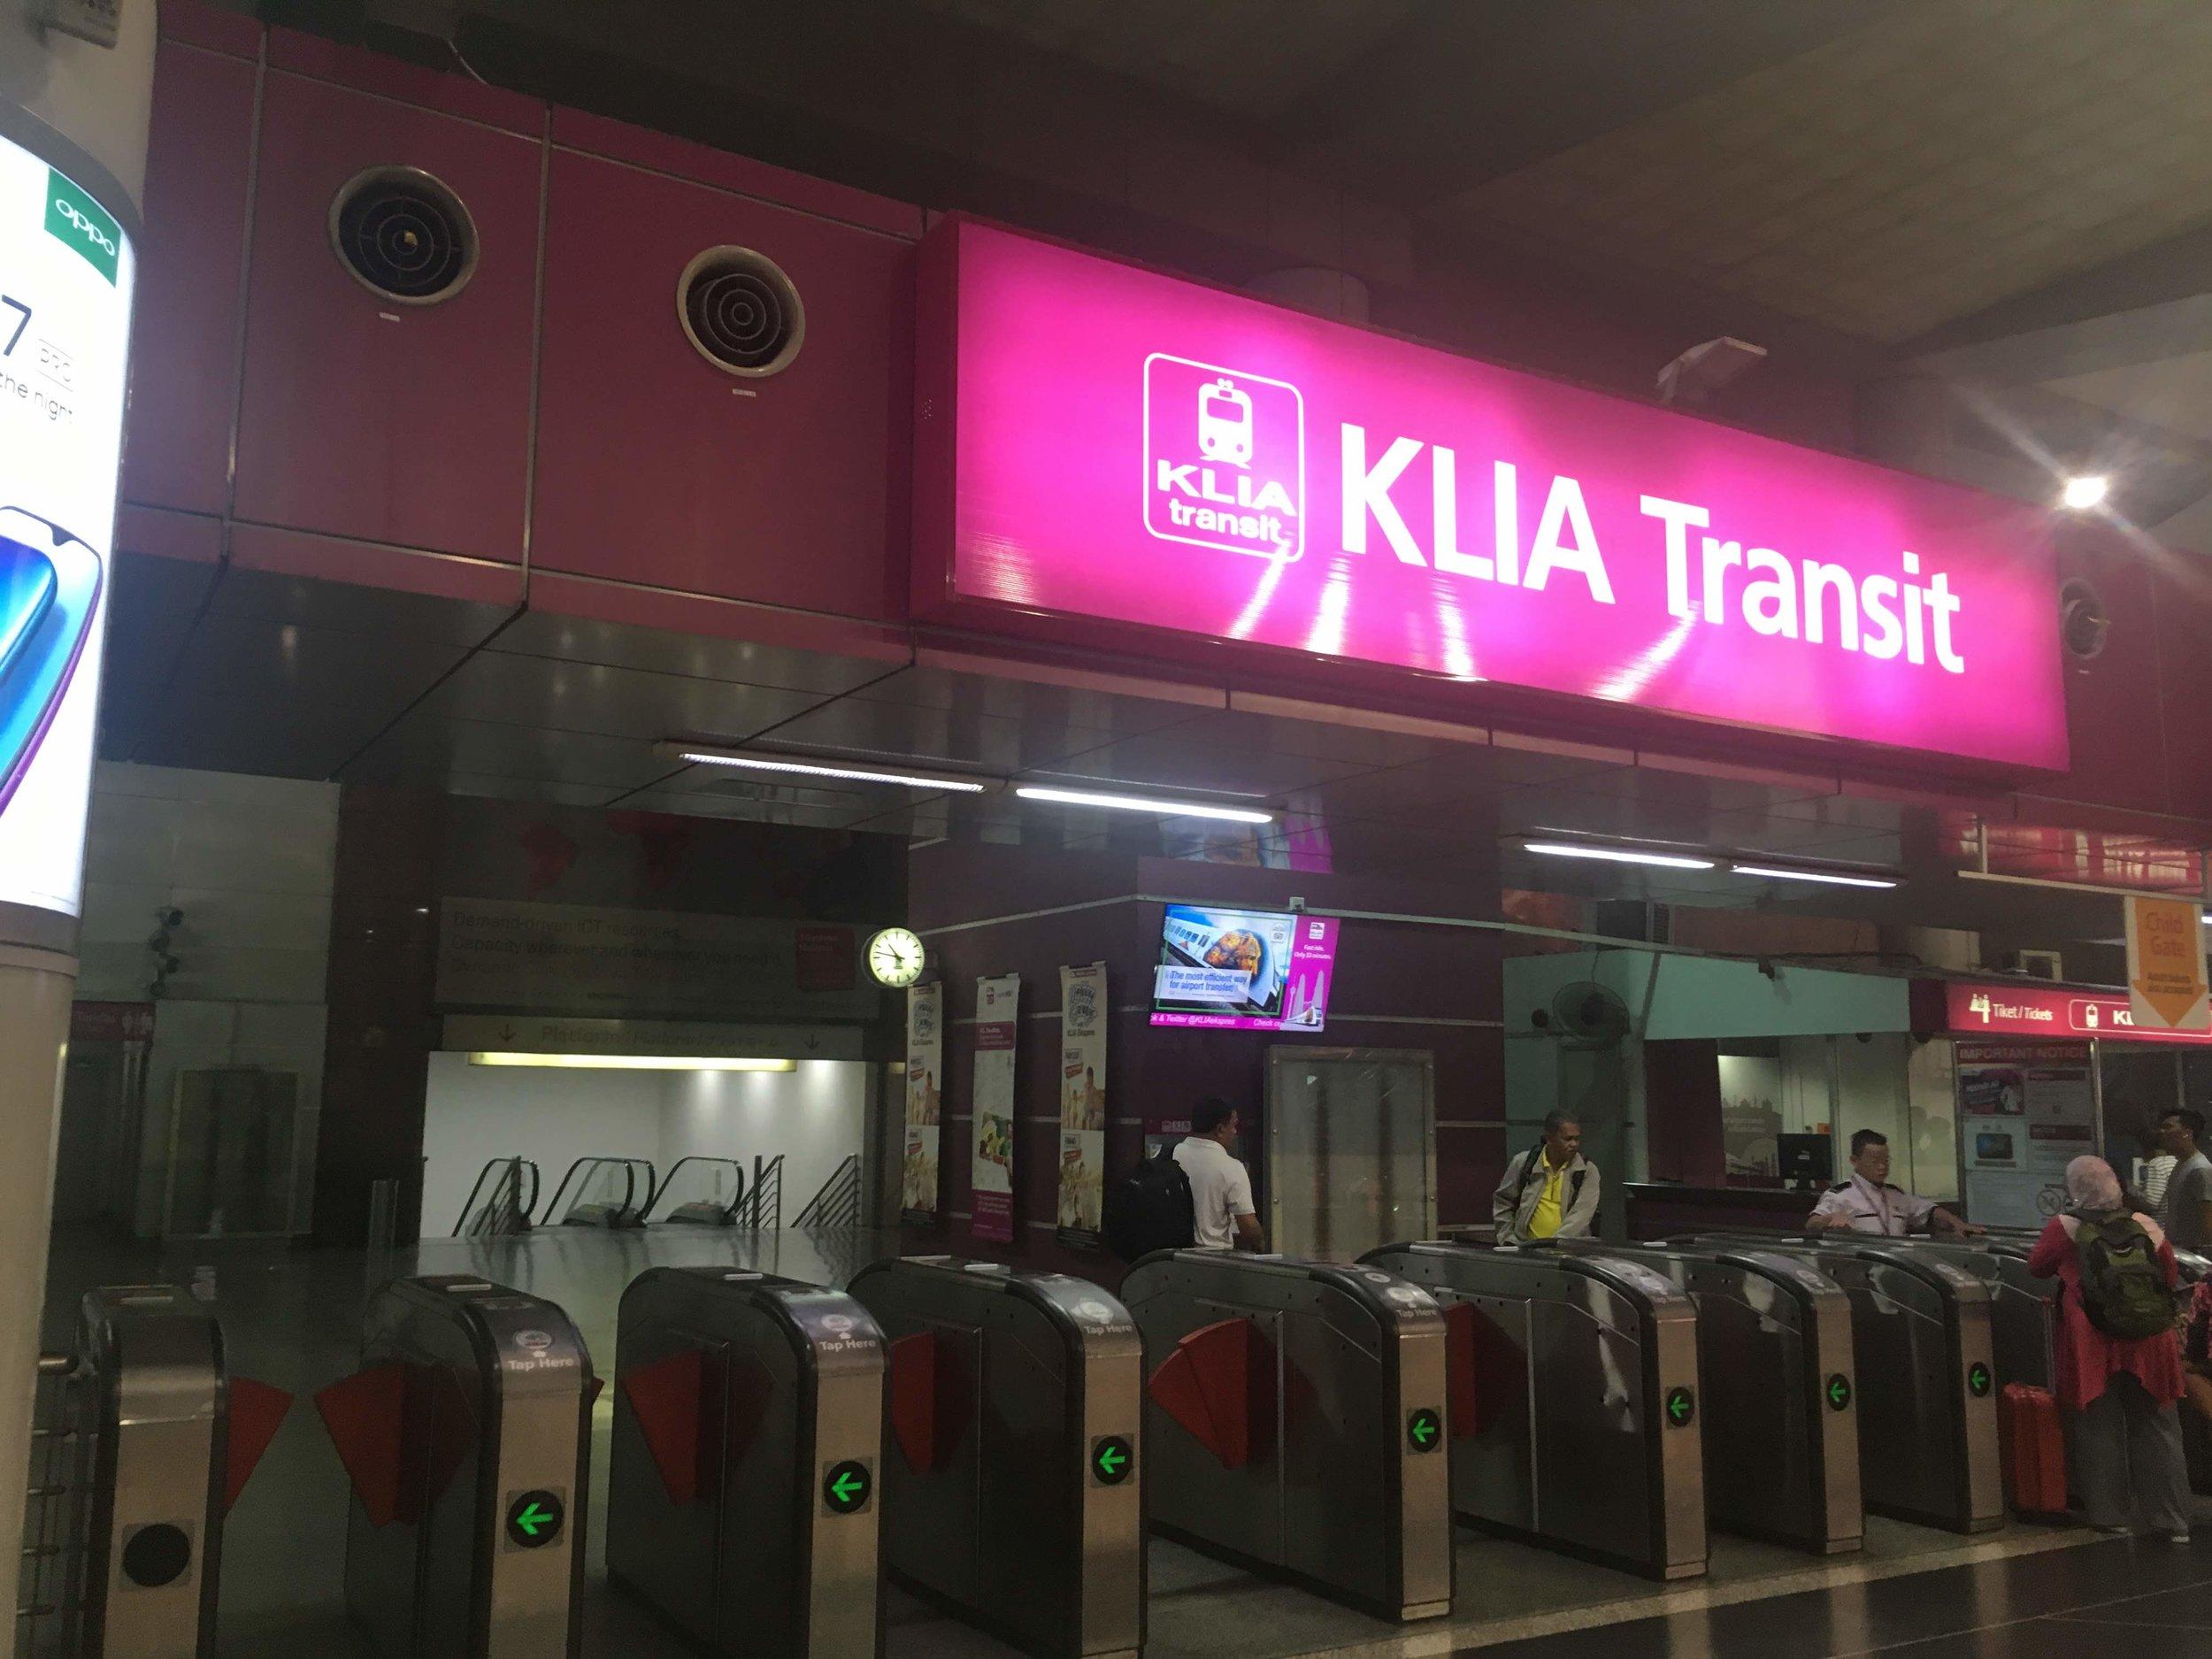 KLIA Transit station at KL Sentral Station